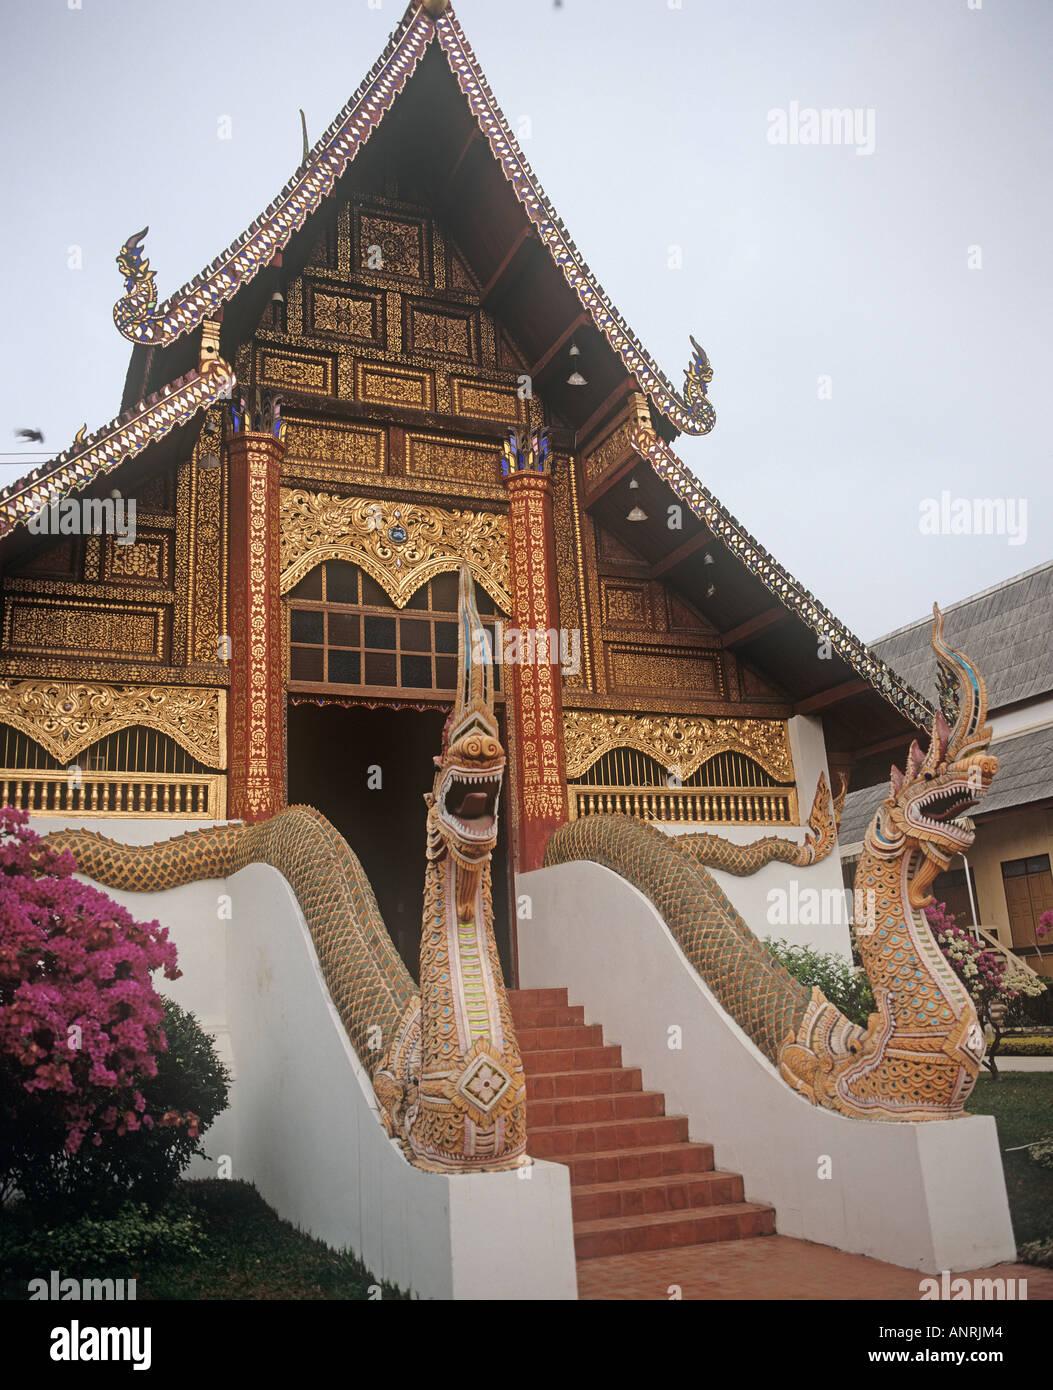 Due nagas dragon intitolata serpenti guardia del tempio di Wat Phra Kaeo lo stupa di cui nel 1434 è stato colpito da un fulmine a rivelare il Buddha di Smeraldo che ora è in residenza in un tempio in Bankok Immagini Stock